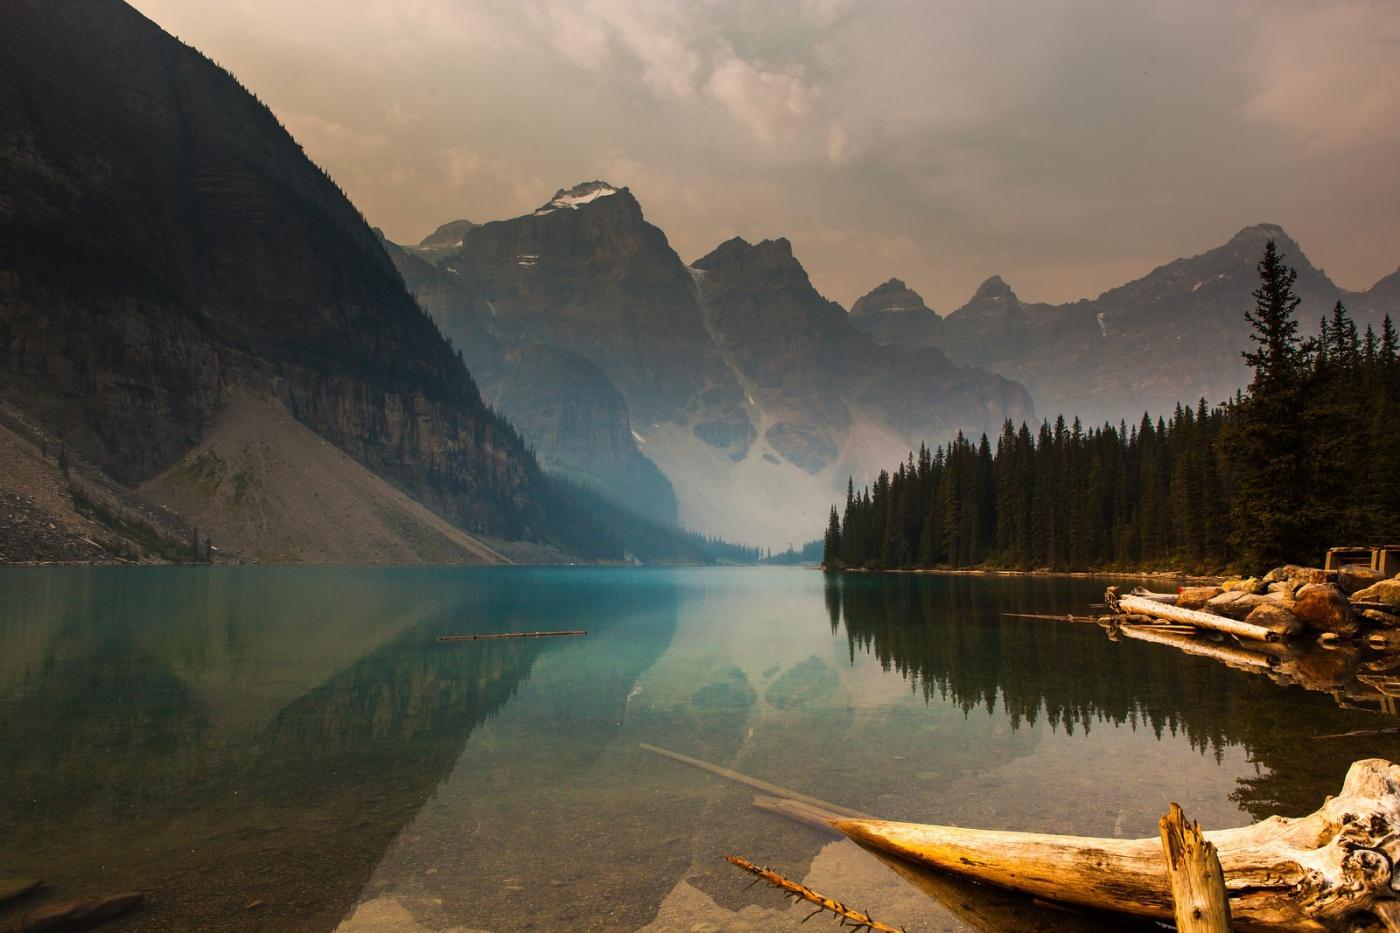 加拿大夢蓮湖,美的令人窒息_圖1-7